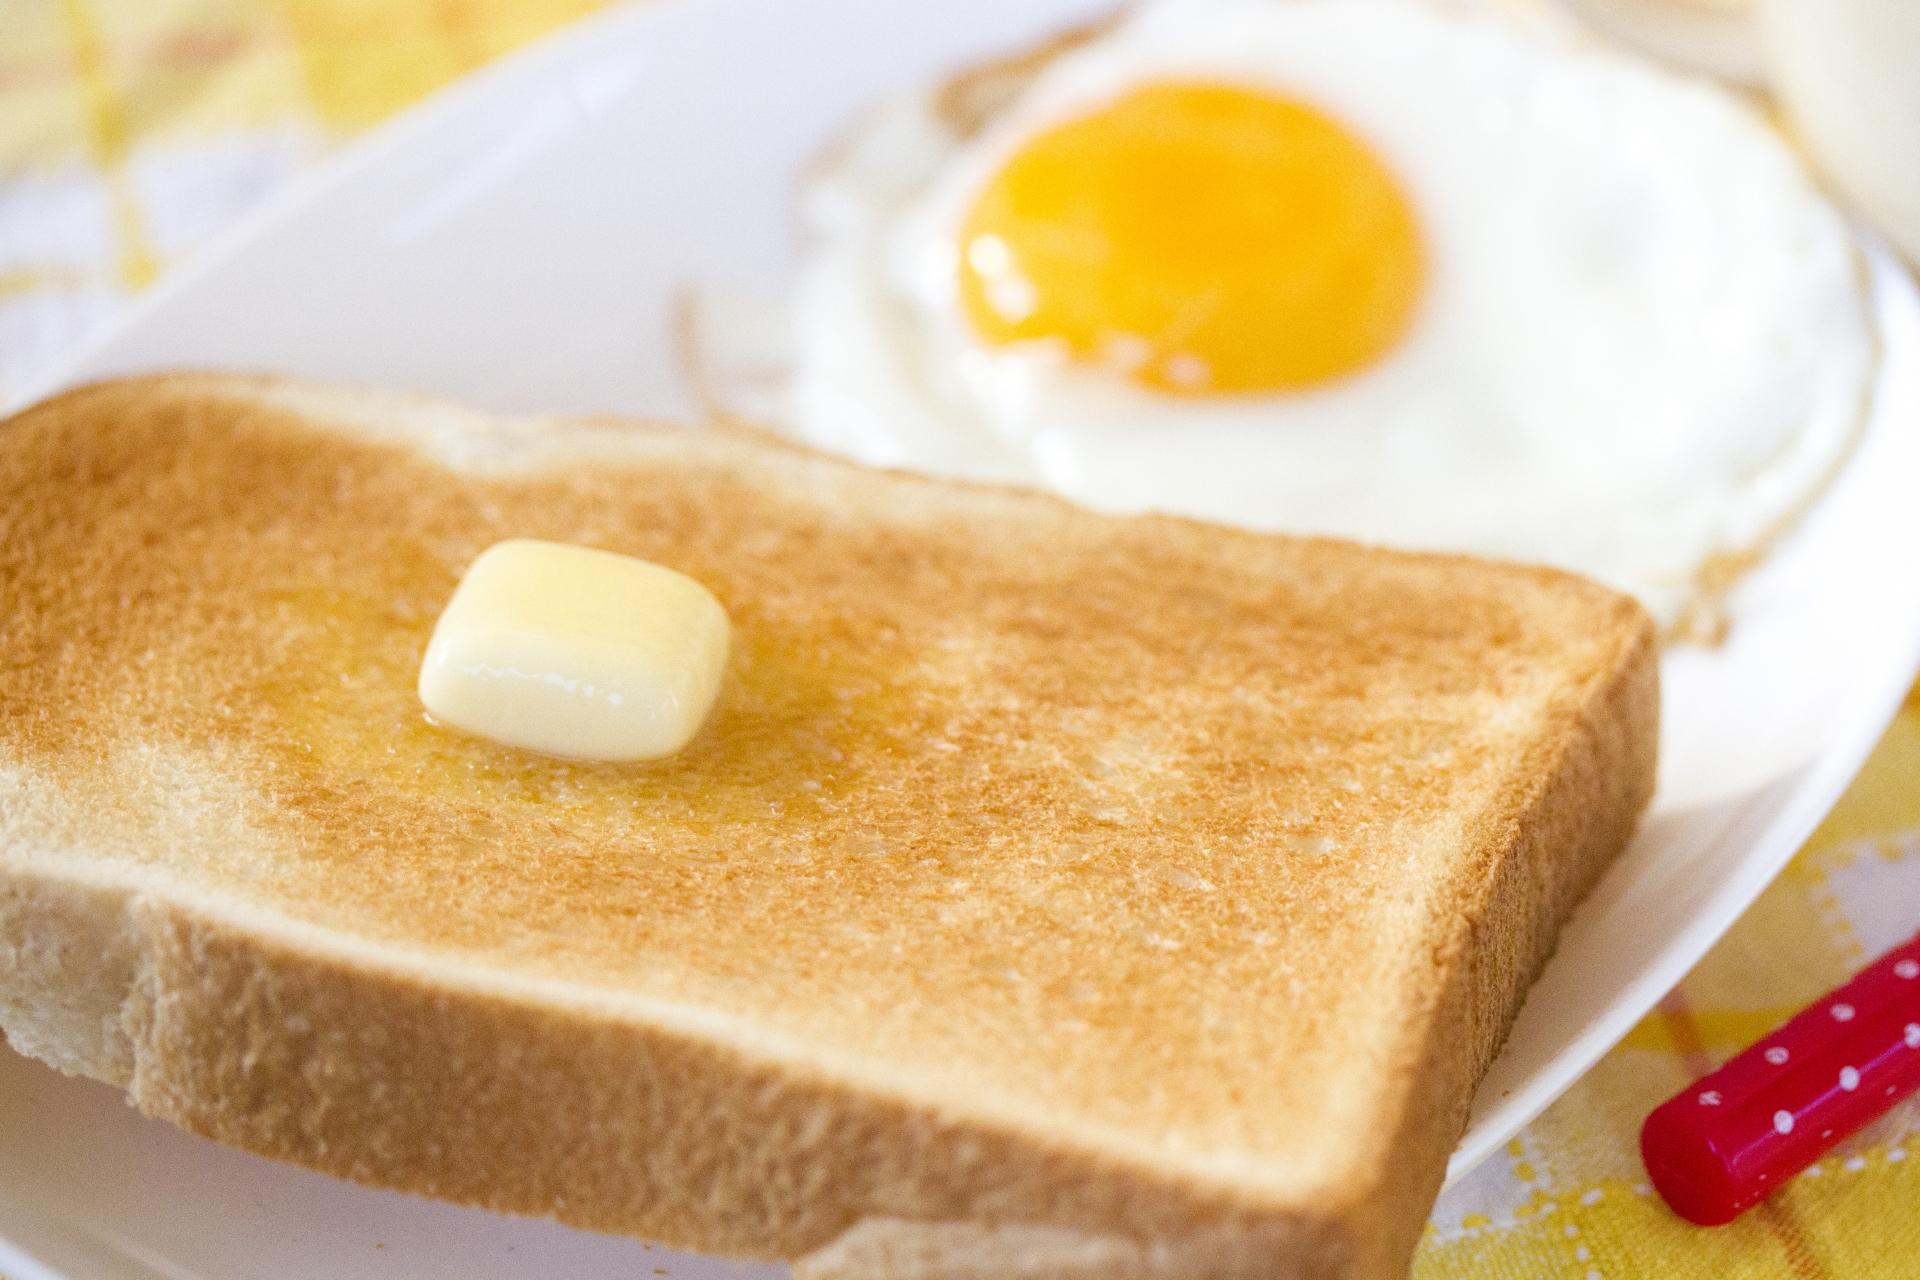 イギリストーストは青森の大人気ロングセラーパン!由来や美味しい食べ方は?